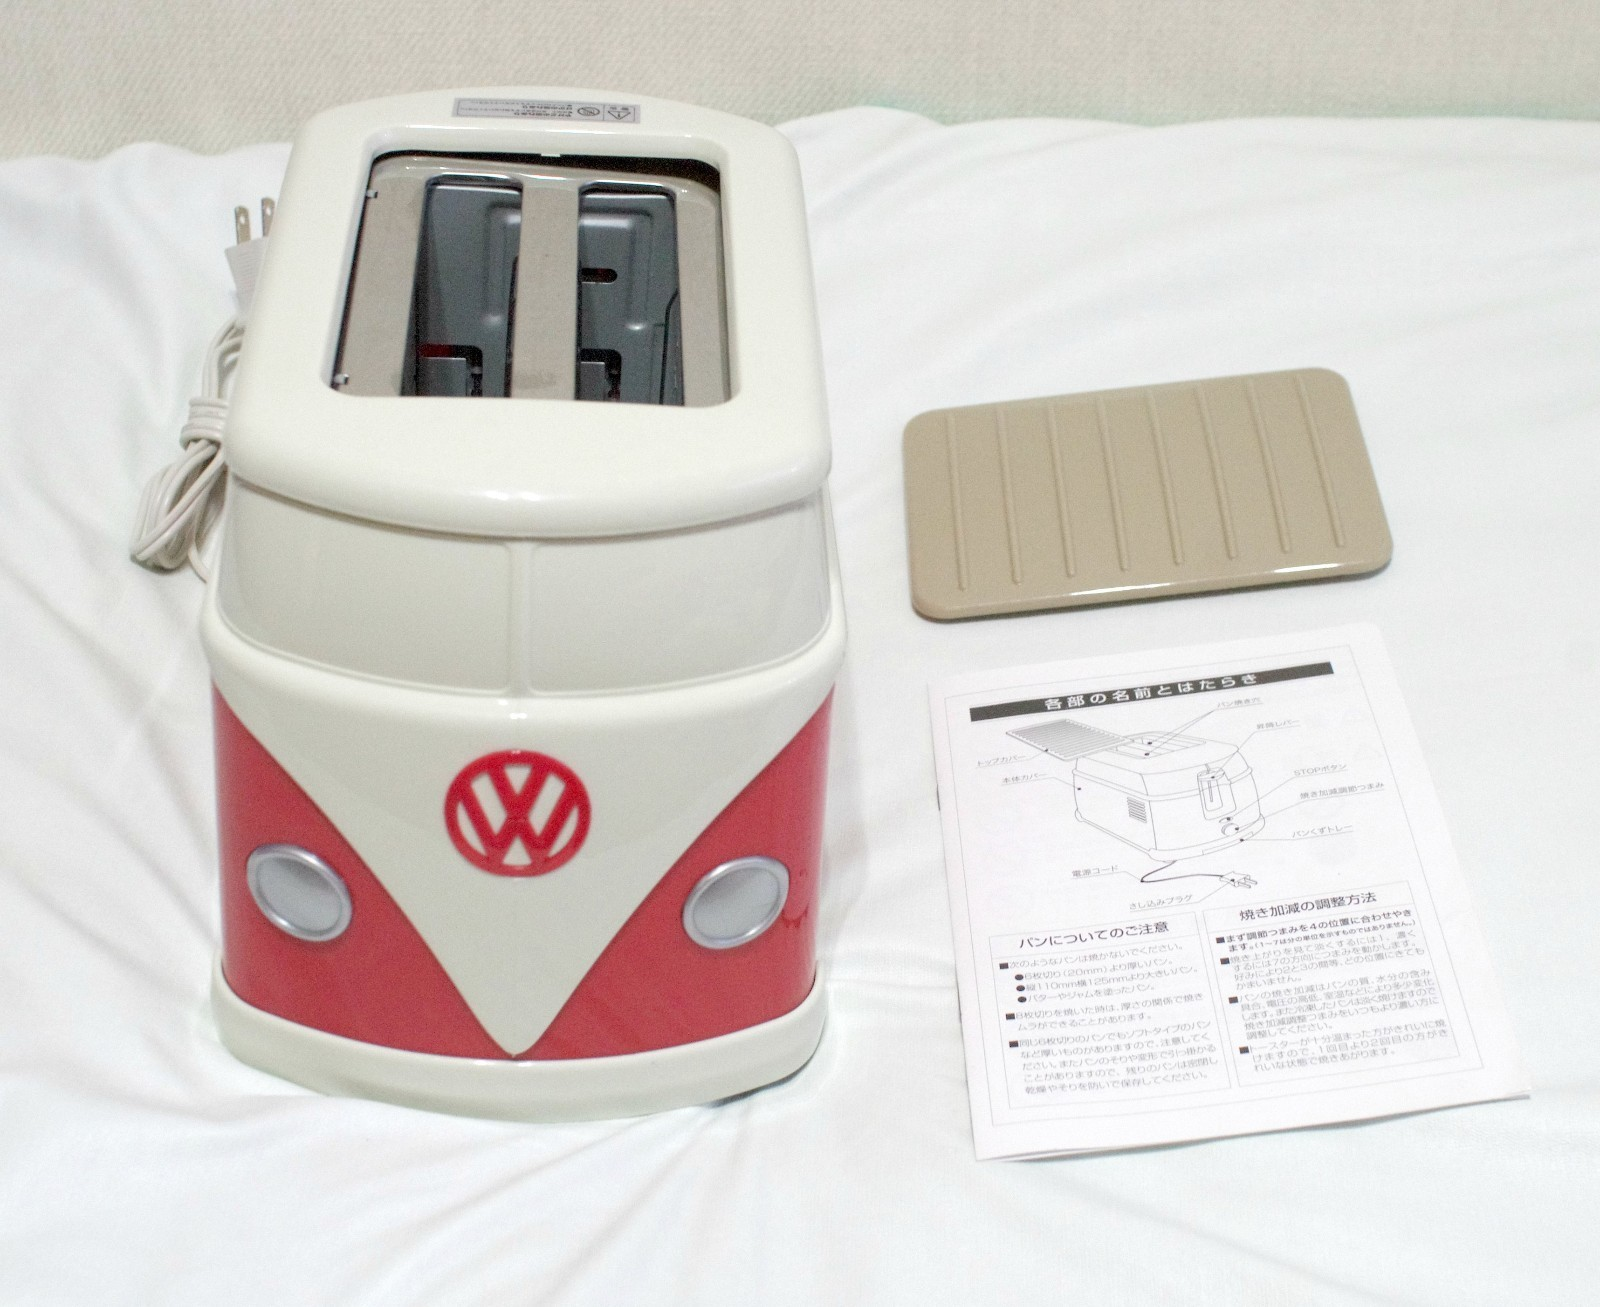 volkswagen minibus toaster imprints vw logo on your toast. Black Bedroom Furniture Sets. Home Design Ideas